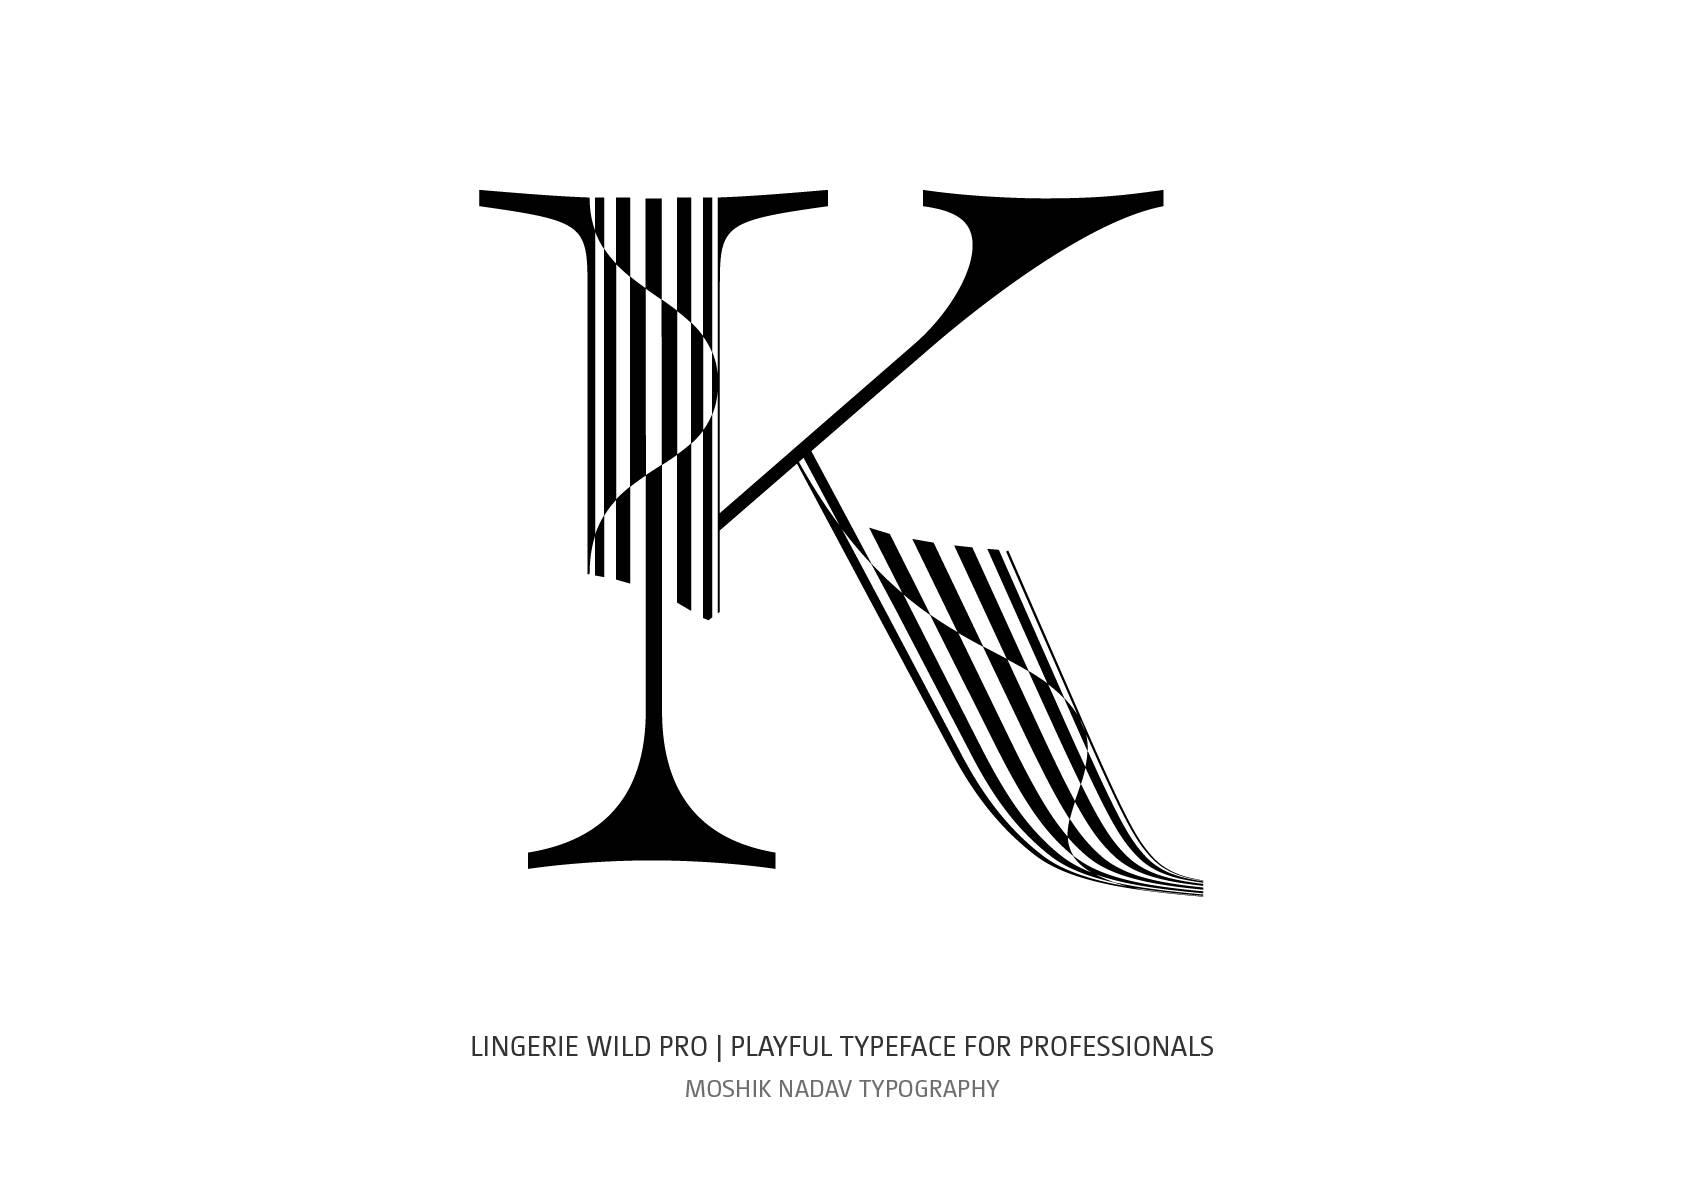 Lingerie Wild Pro super sexy uppercase K by Moshik Nadav Typography